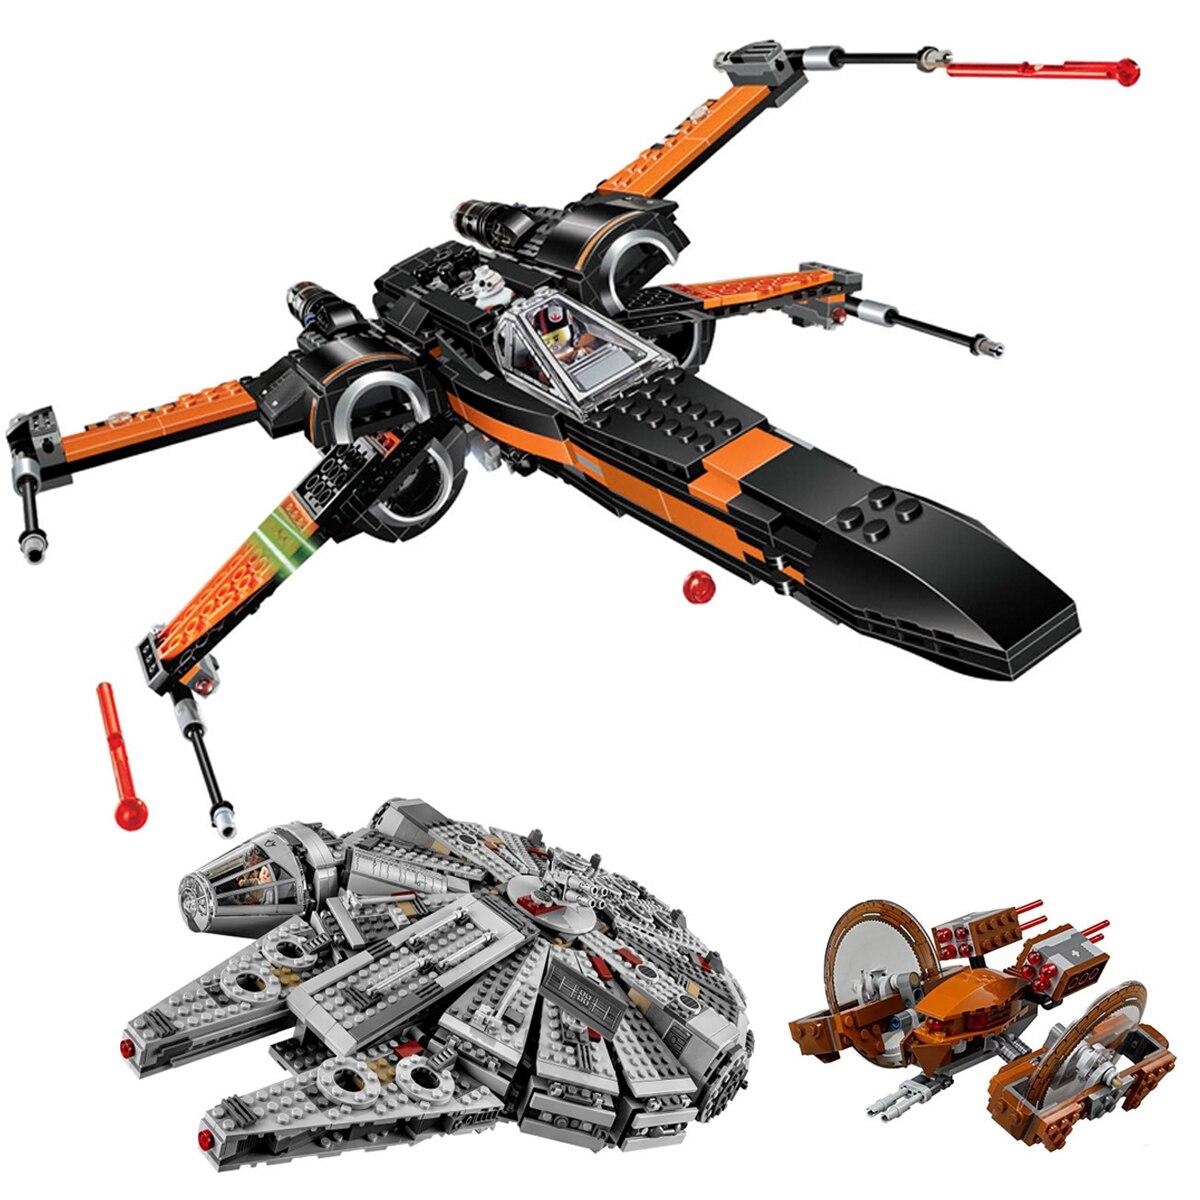 compatible-avec-lepinblock-star-wars-blocs-de-construction-briques-jouets-espace-font-b-starwars-b-font-figurines-d'action-trooper-combattant-jouets-nouveaux-gitfs